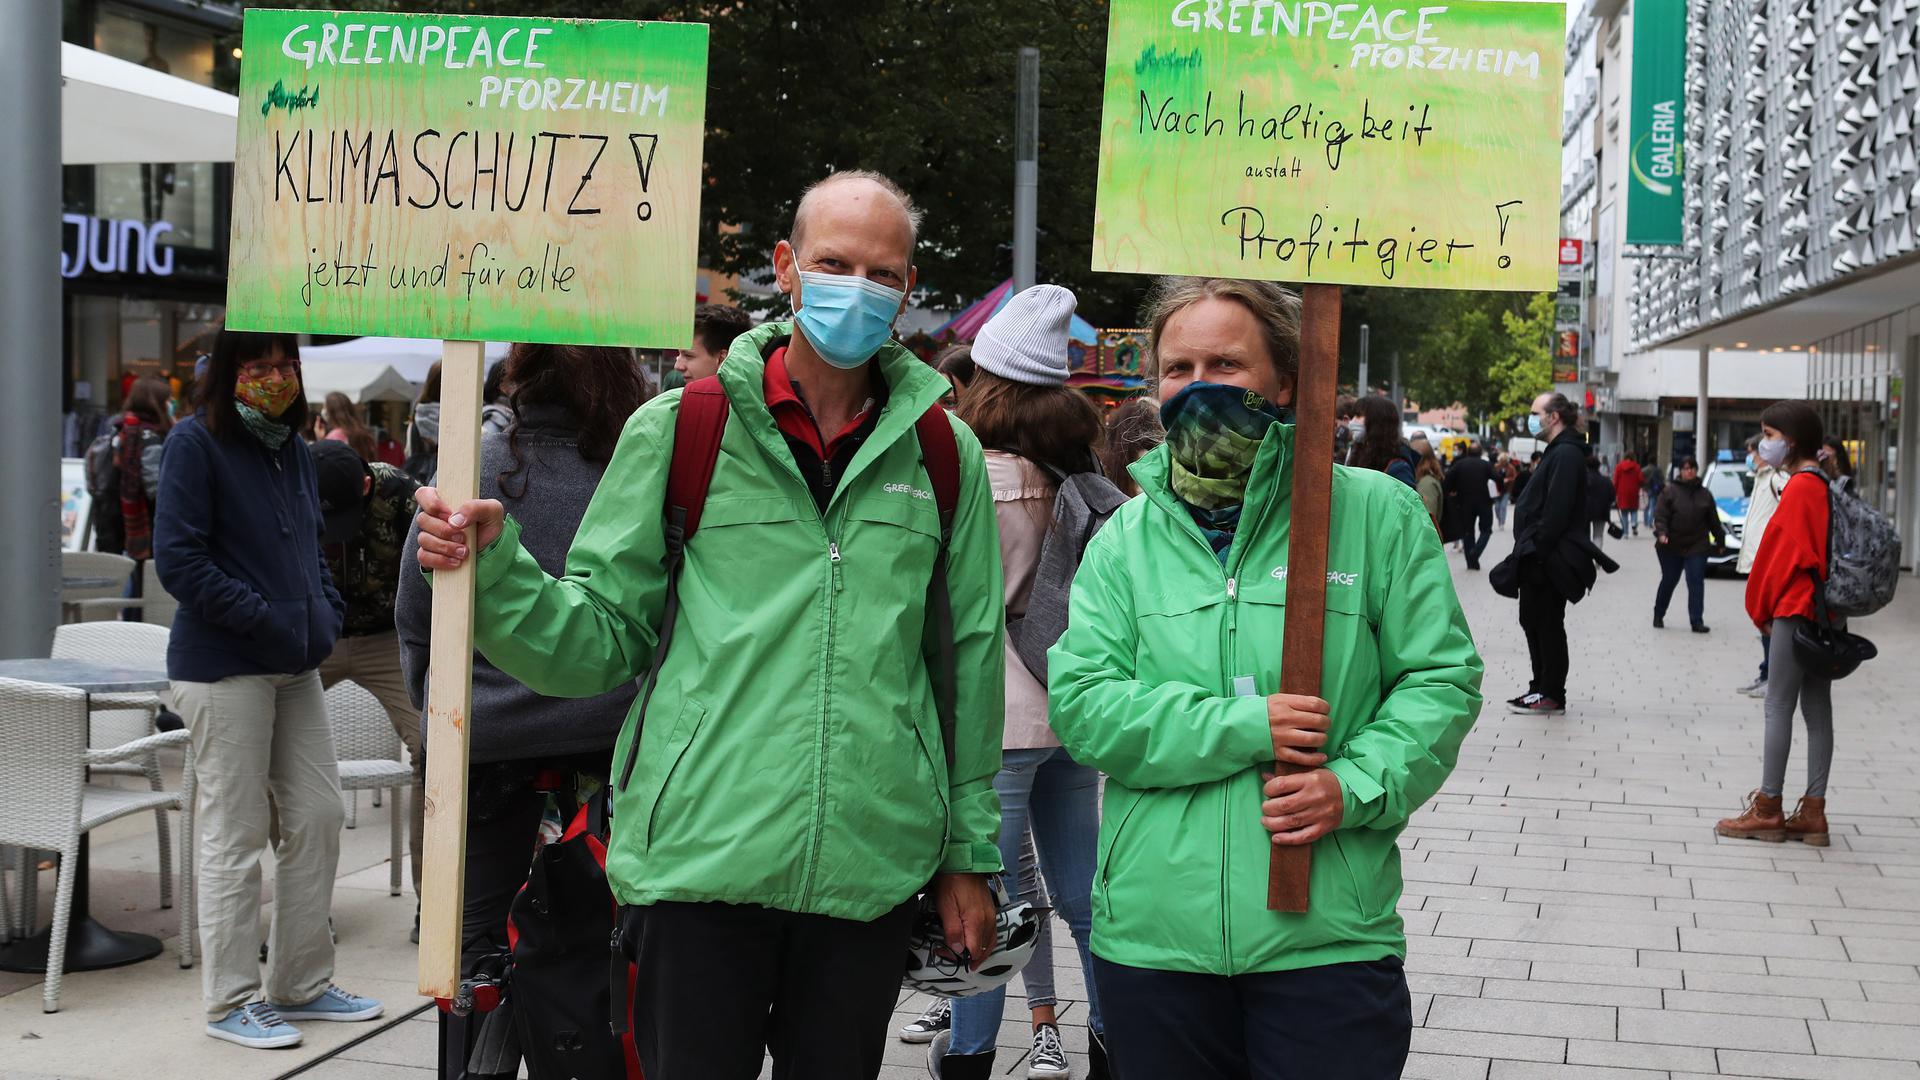 Die Schilder herausgeholt: Das haben Bernhard und Ruth Fehling von Greenpeace beim Streik von Fridays for Future am Freitag in der Fußgängerzone.Foto: